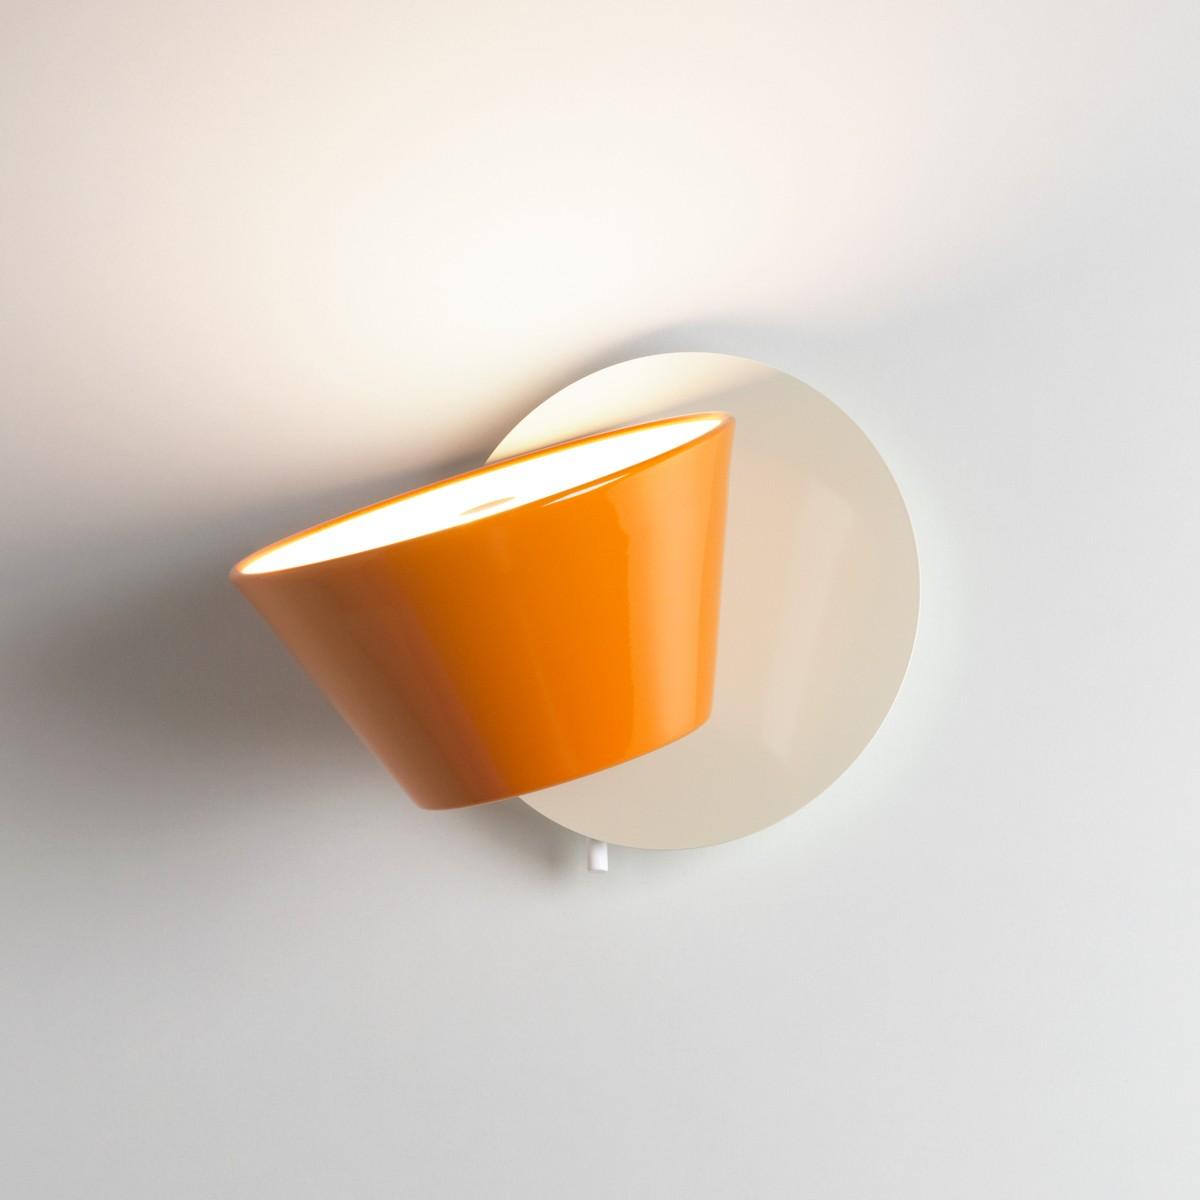 Marset Tam Tam A Wandleuchte, Schirm: orange